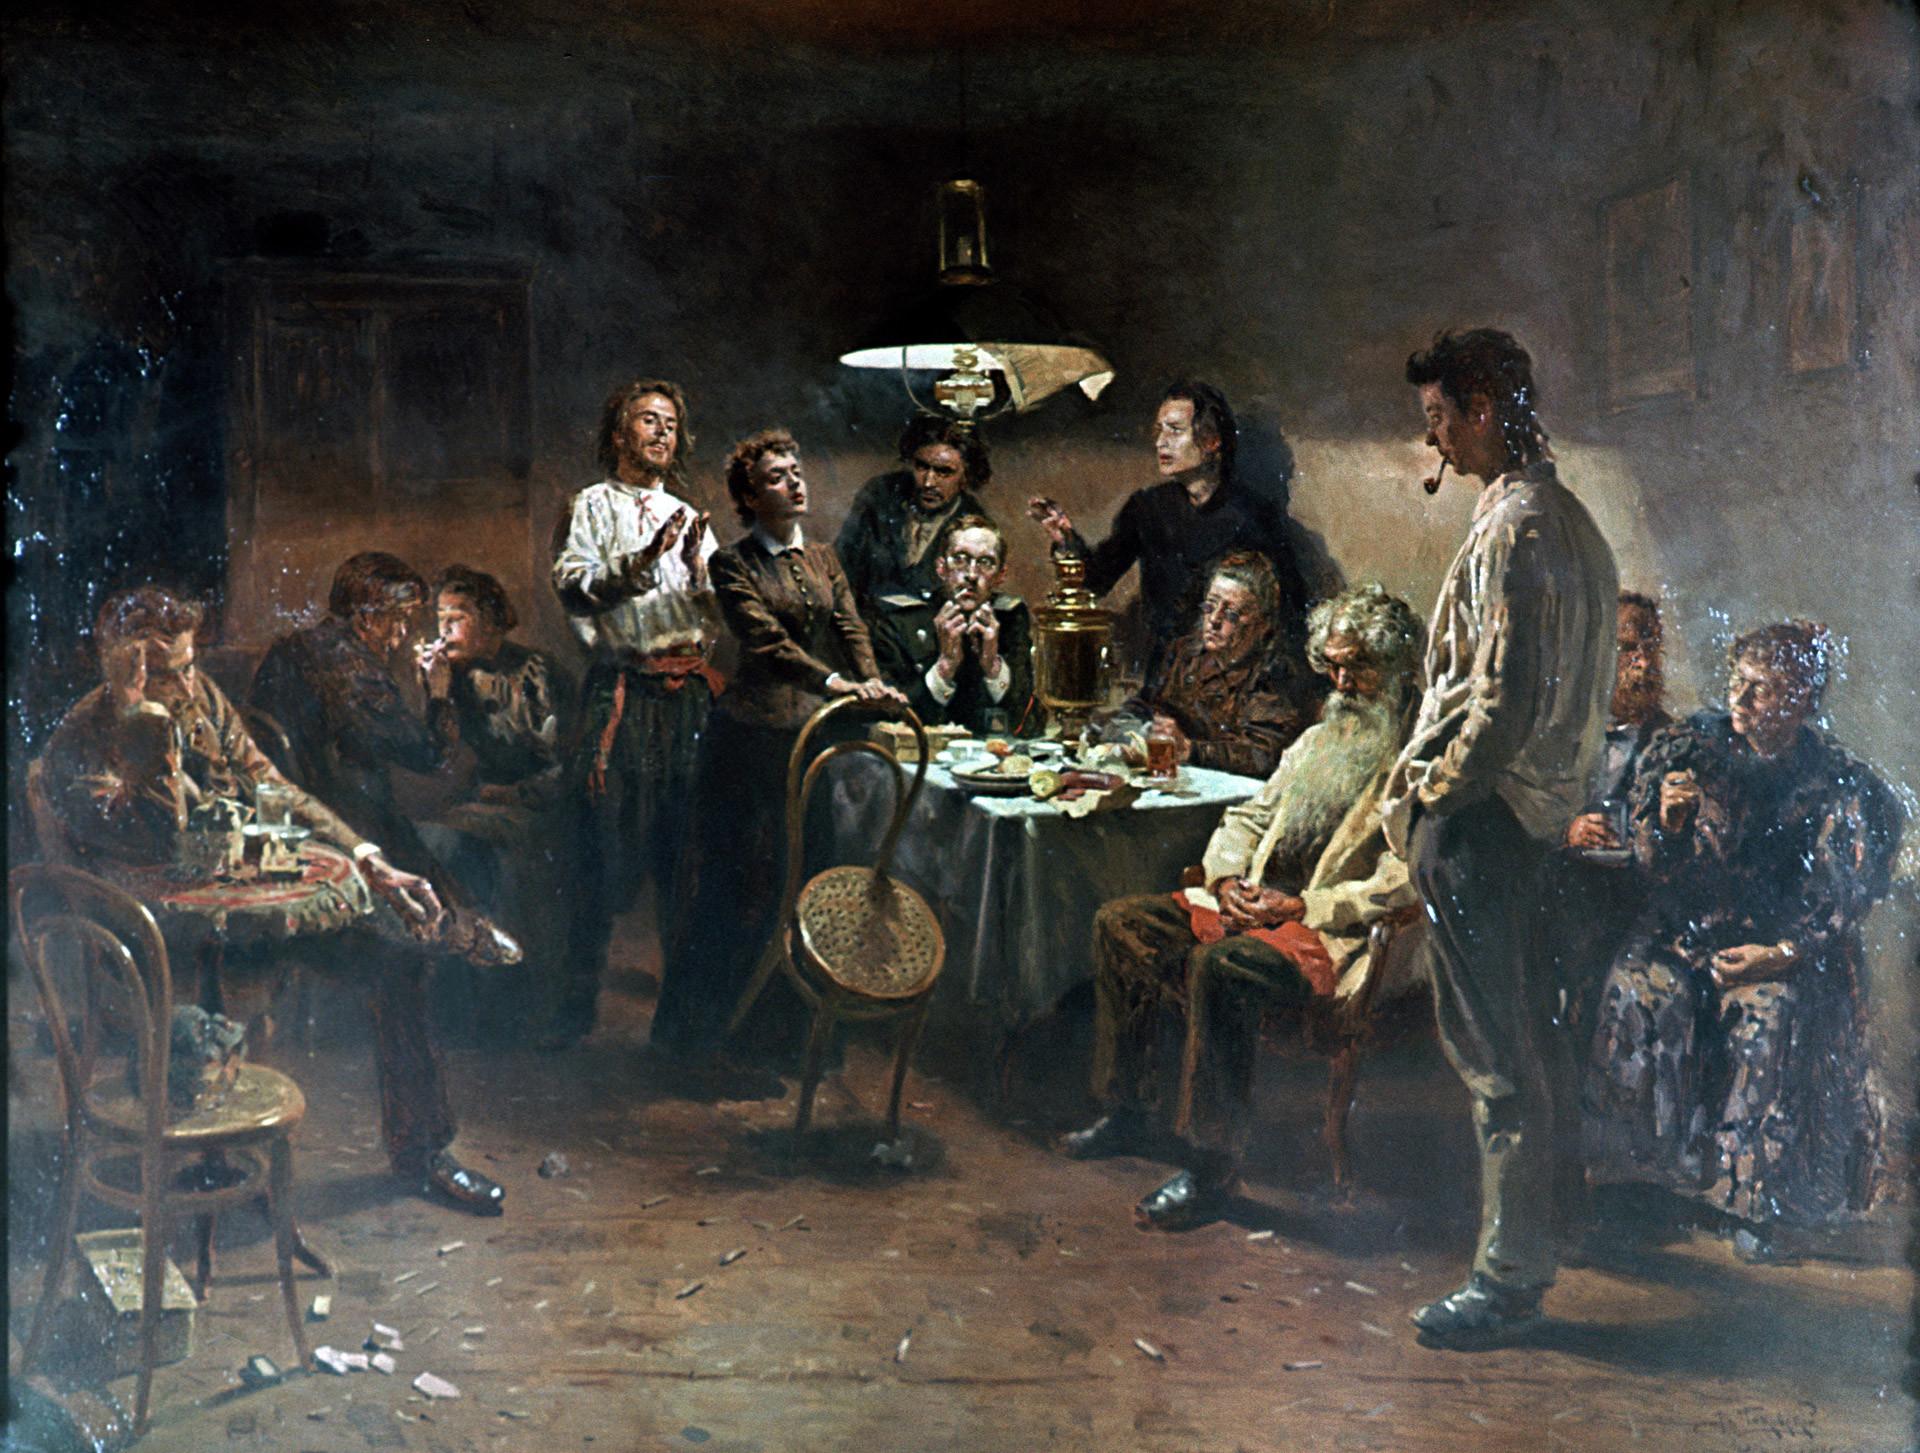 Die Abendgesellschaft von   Wladimir Makowski, 1875